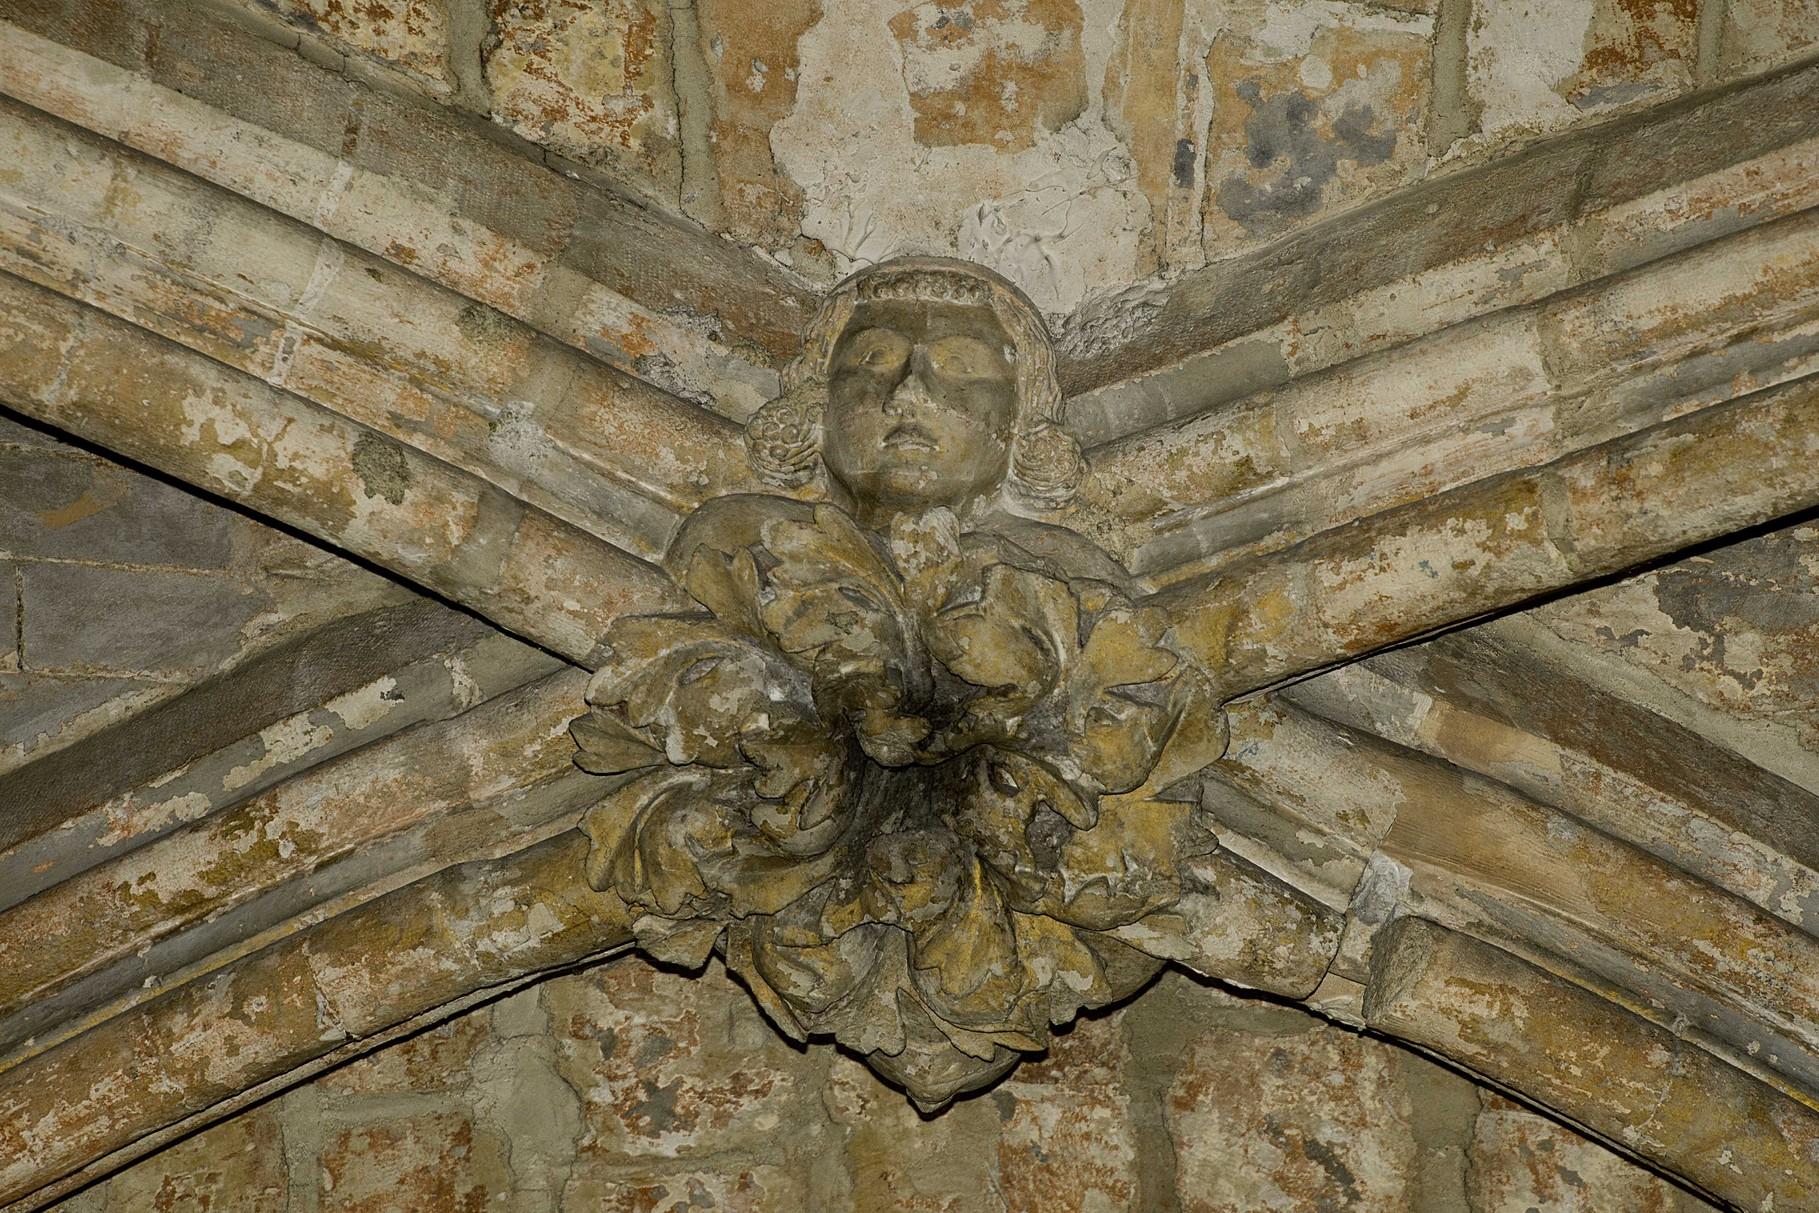 Clé de voûte représentant Robert d'Artois © Musée d'Archéologie nationale - Basile Lippmann